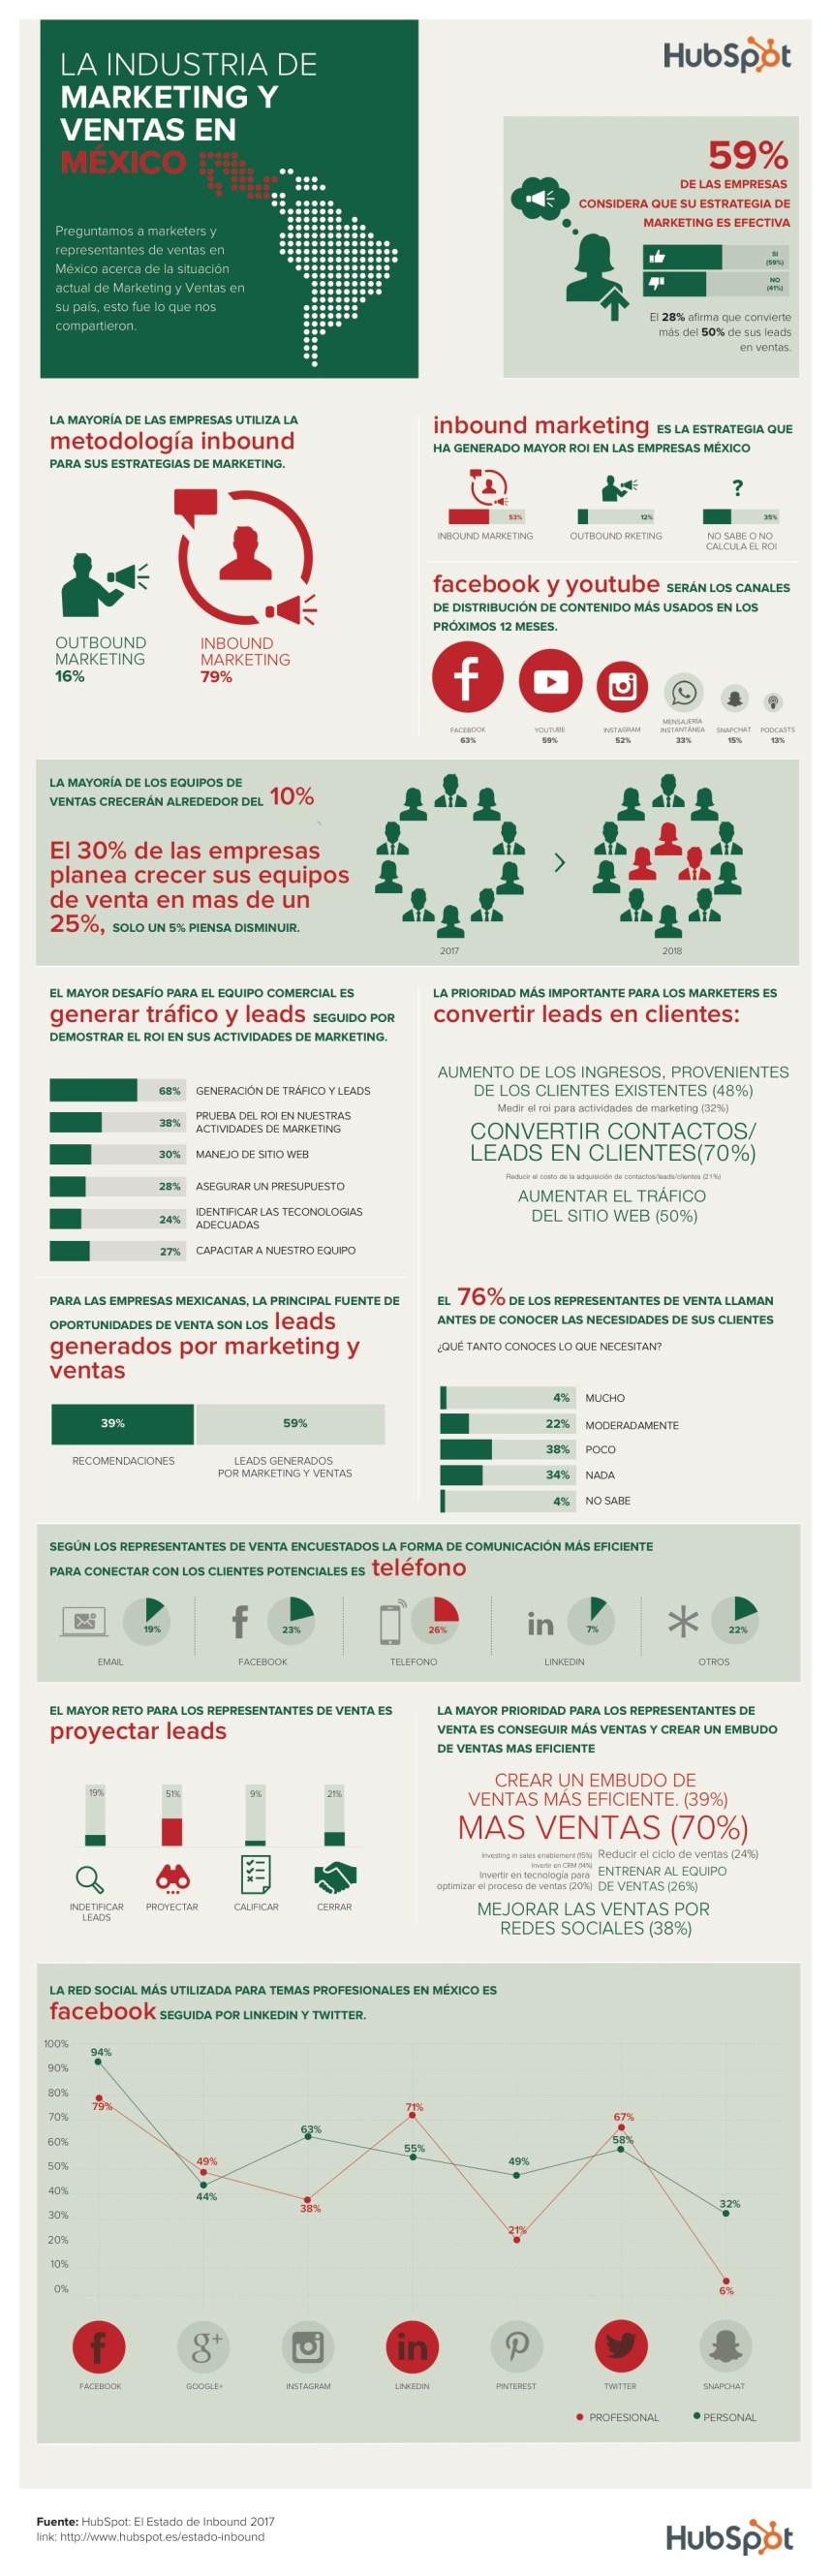 El sector del marketing y ventas en México